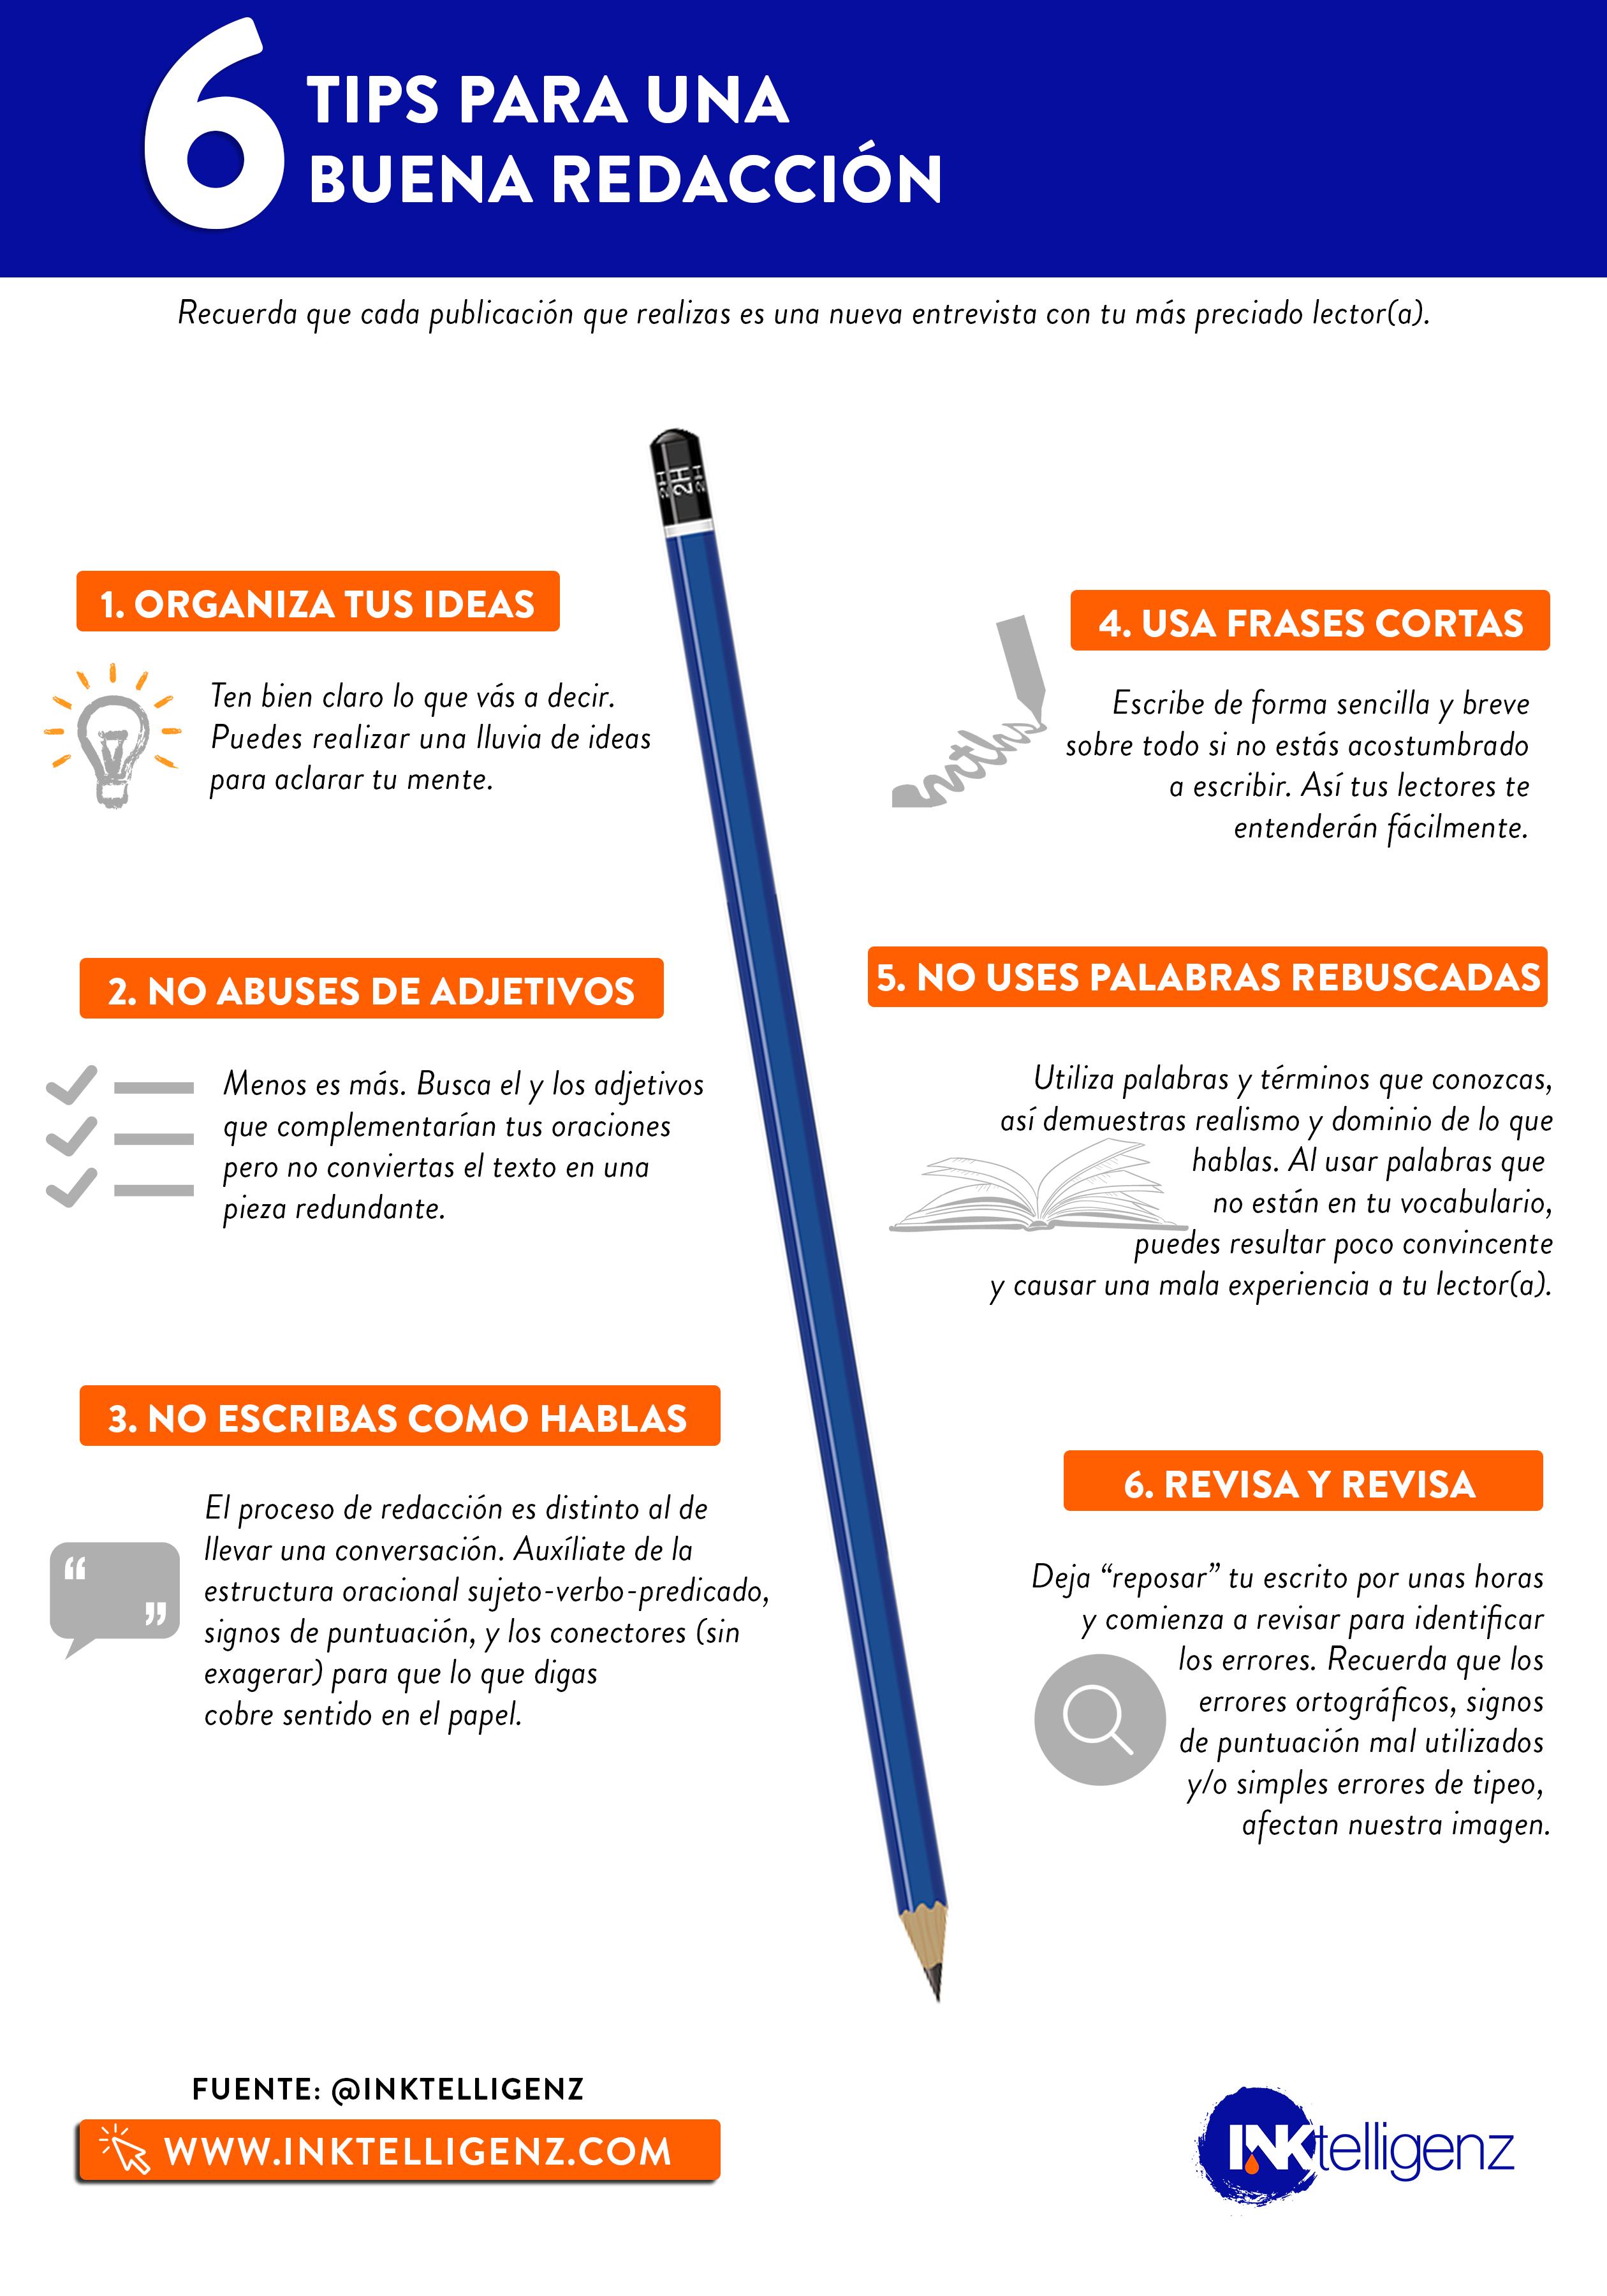 6 Tips Para Una Buena Redacción Mantén Esto Bien Cerca Al Momento De Redactar Y Te Ahorrar Consejos Sobre Escritura Redacción De Textos Desafío De Escritura